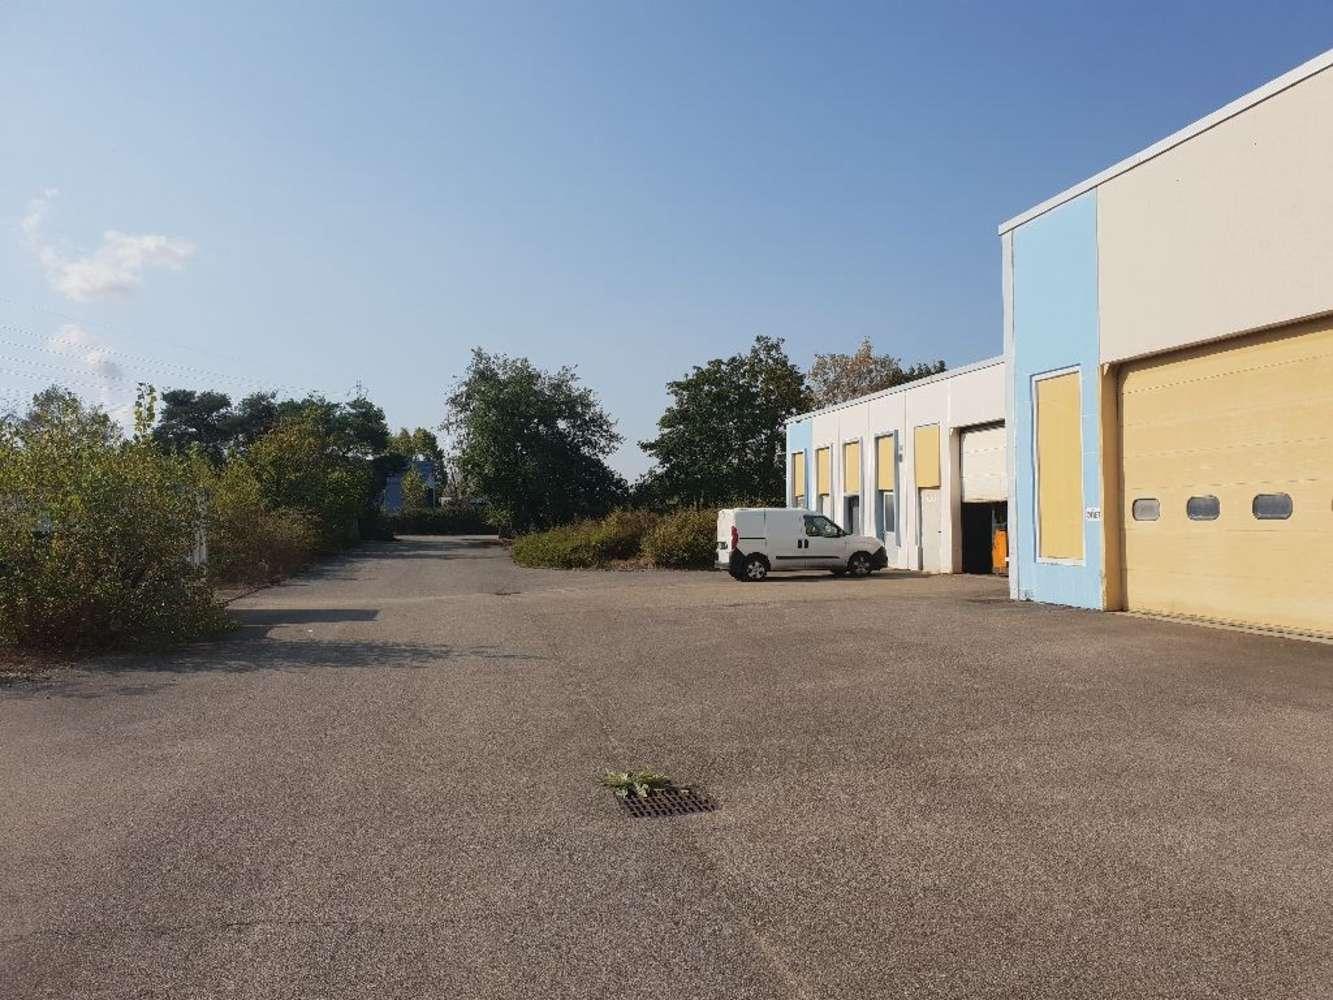 Activités/entrepôt Blyes, 01150 - Location entrepot Lyon / P.I.P.A. - 10035414